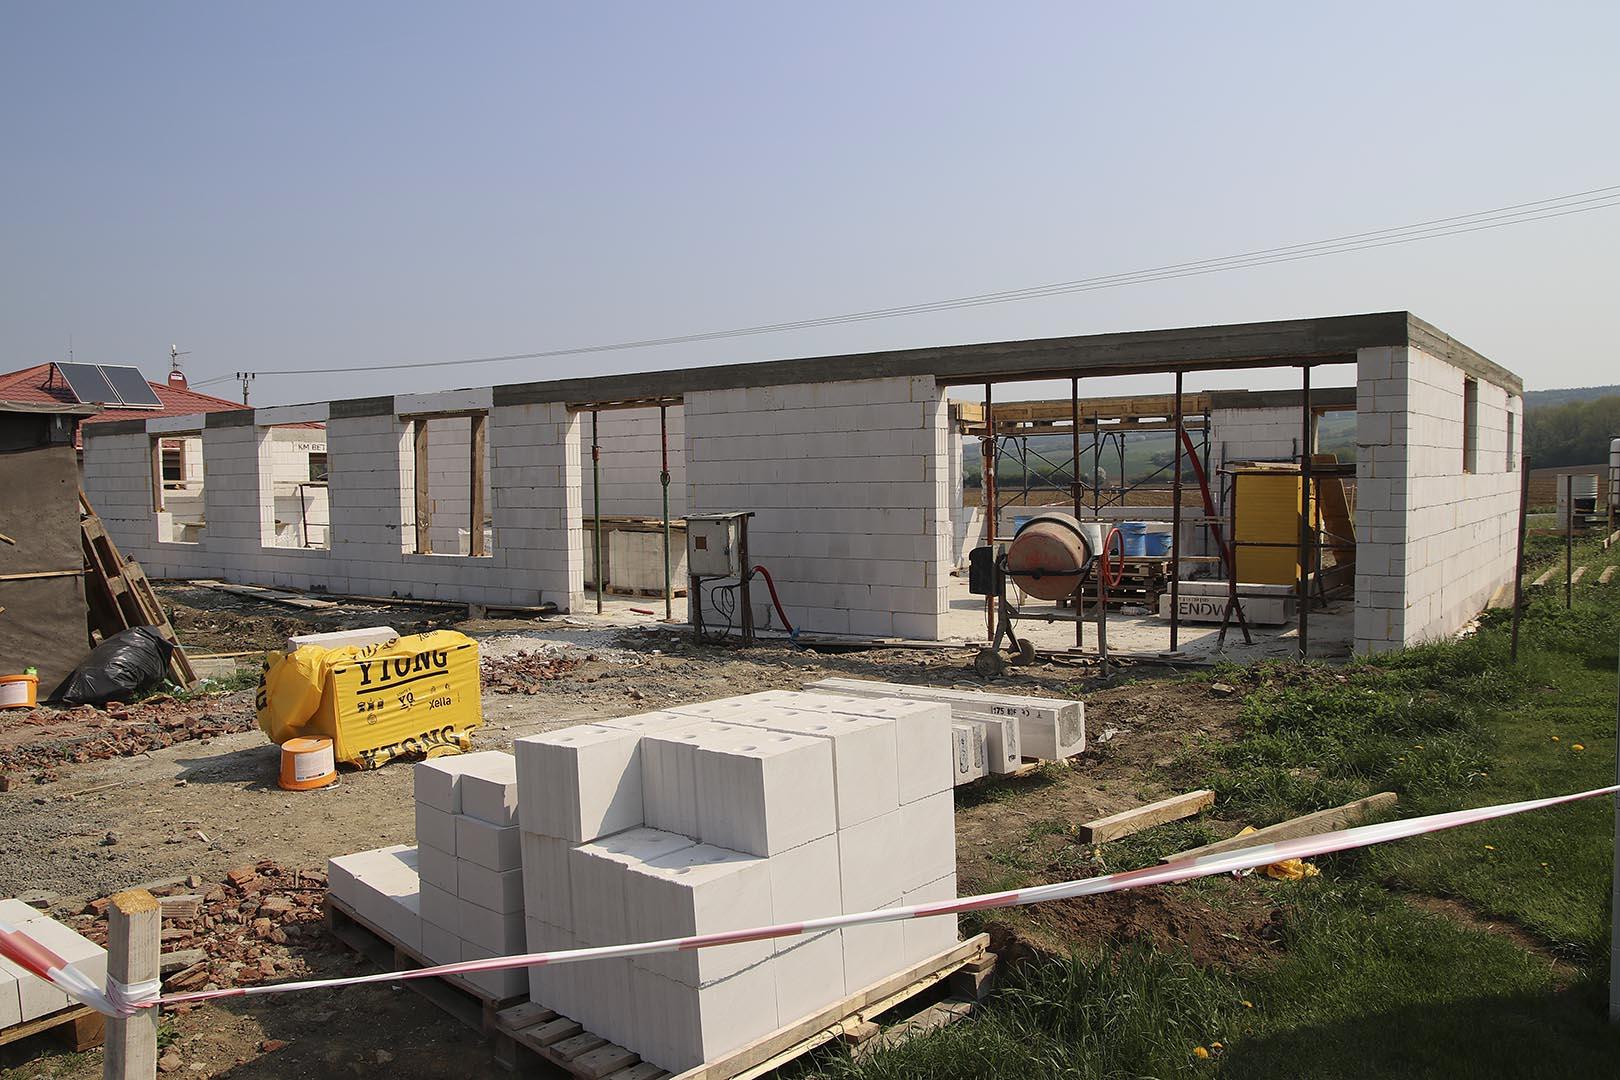 Vápenopískové cihly na stavbě domu v Nivnici